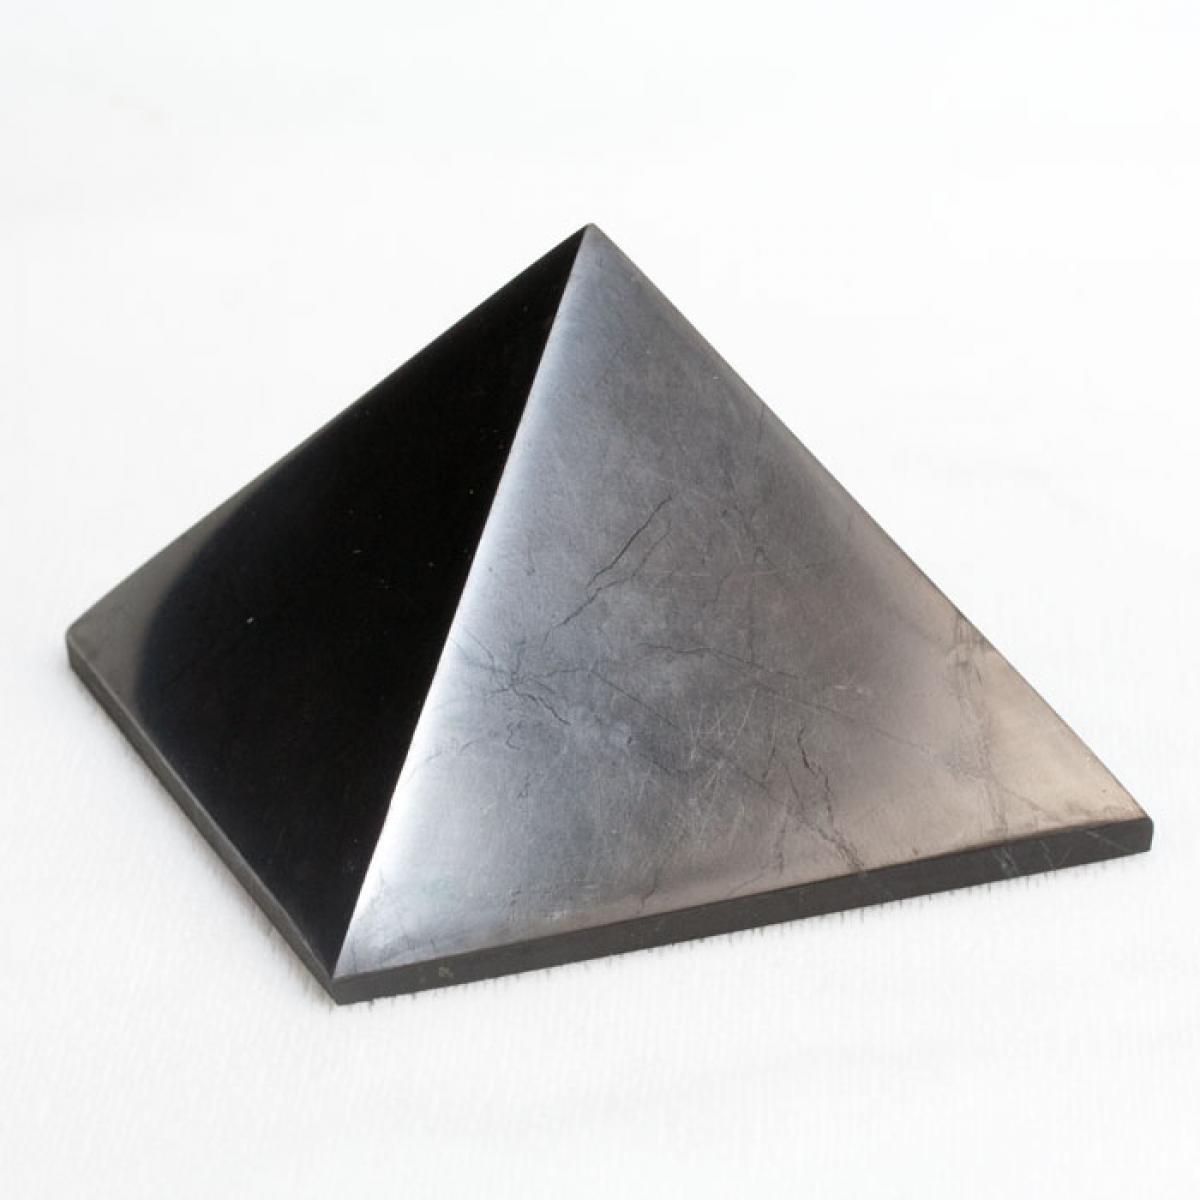 Pyramída Šungit - 3 x 3 cm